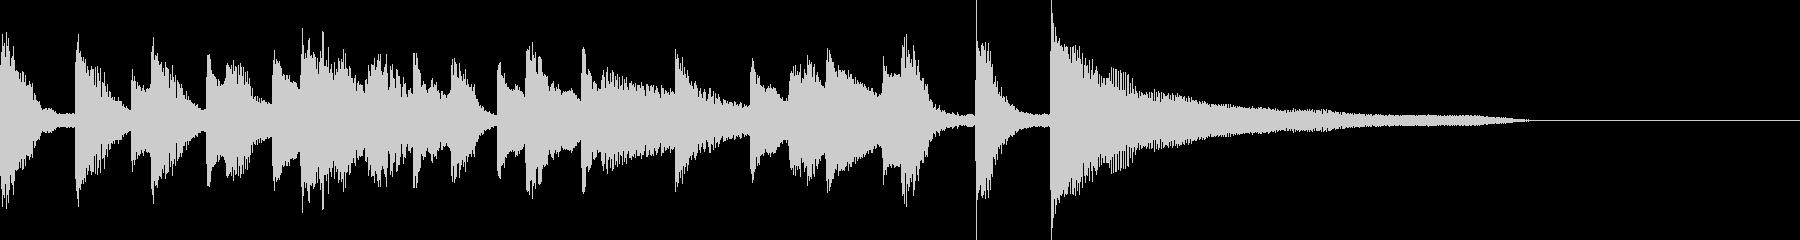 ピアノ ポップでかわいいジングルの未再生の波形